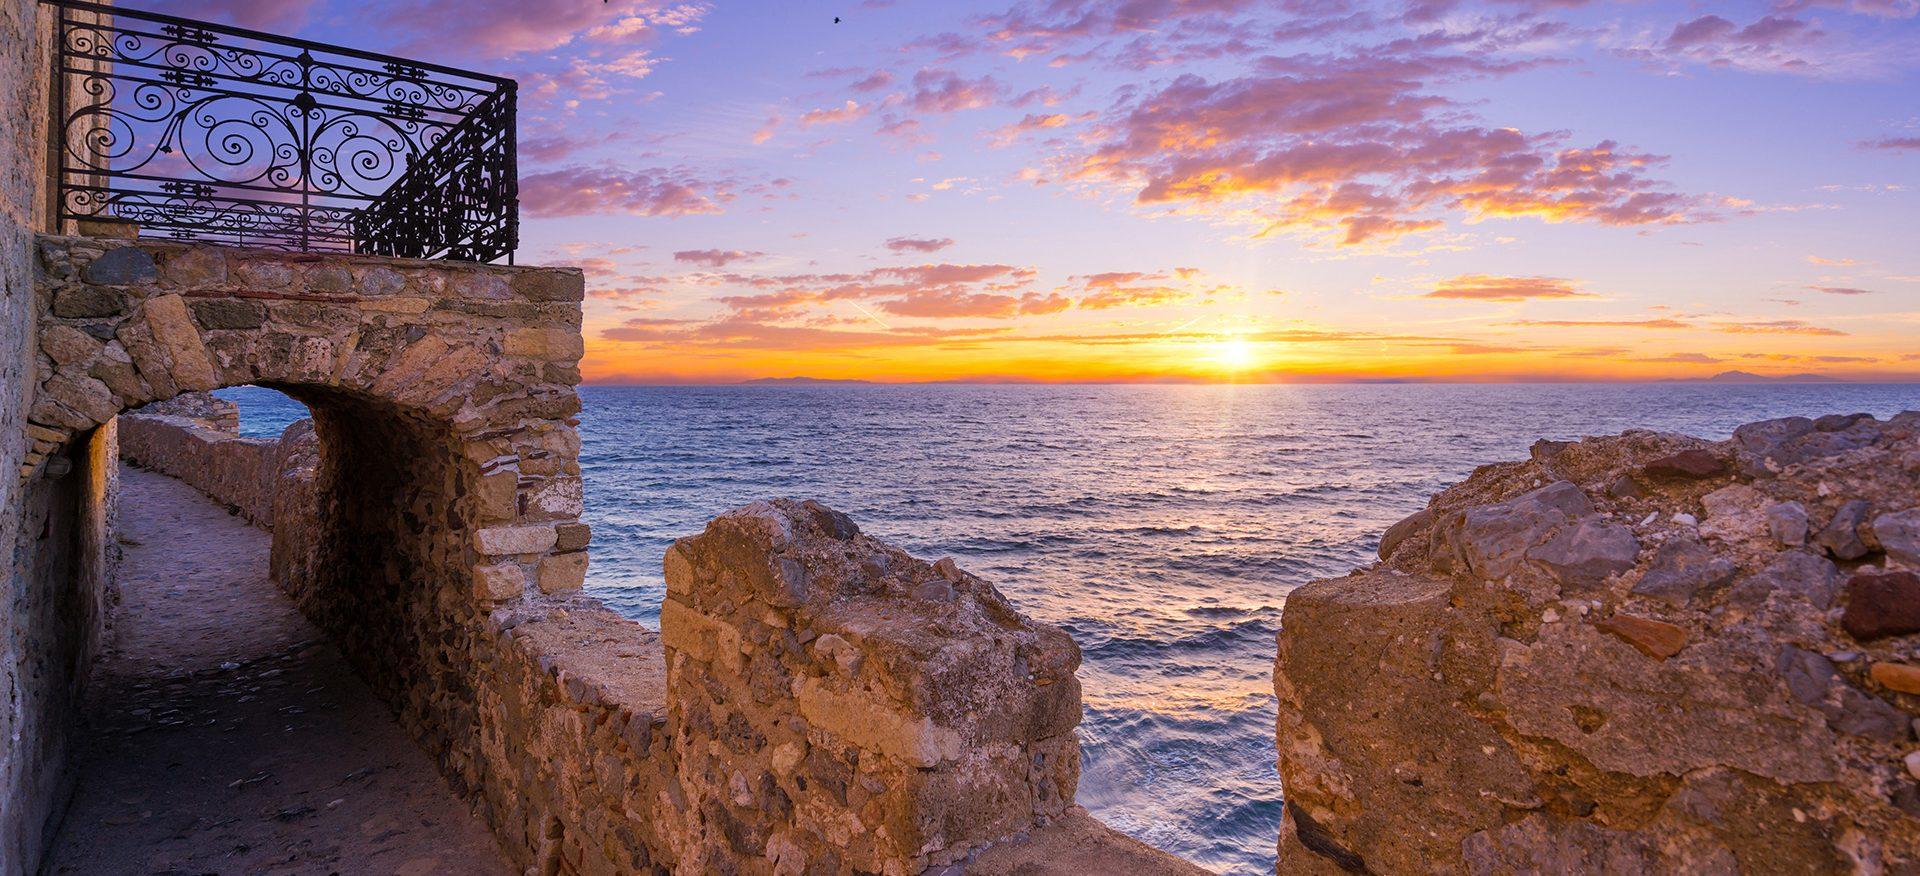 Ο γύρος της Πελοποννήσου | Οδική εκδρομή στην Πελοπόννησο | Μυκήνες, Επίδαυρος, Πόρτο χέλι, Μονεμβασιά, Ναύπλιο, Σπάρτη, Ολυμπία, Πάτρα, Γαλαξίδι, Δελφοί | Ταξίδια στην Ελλάδα & την Ευρώπη με το Prima Holidays